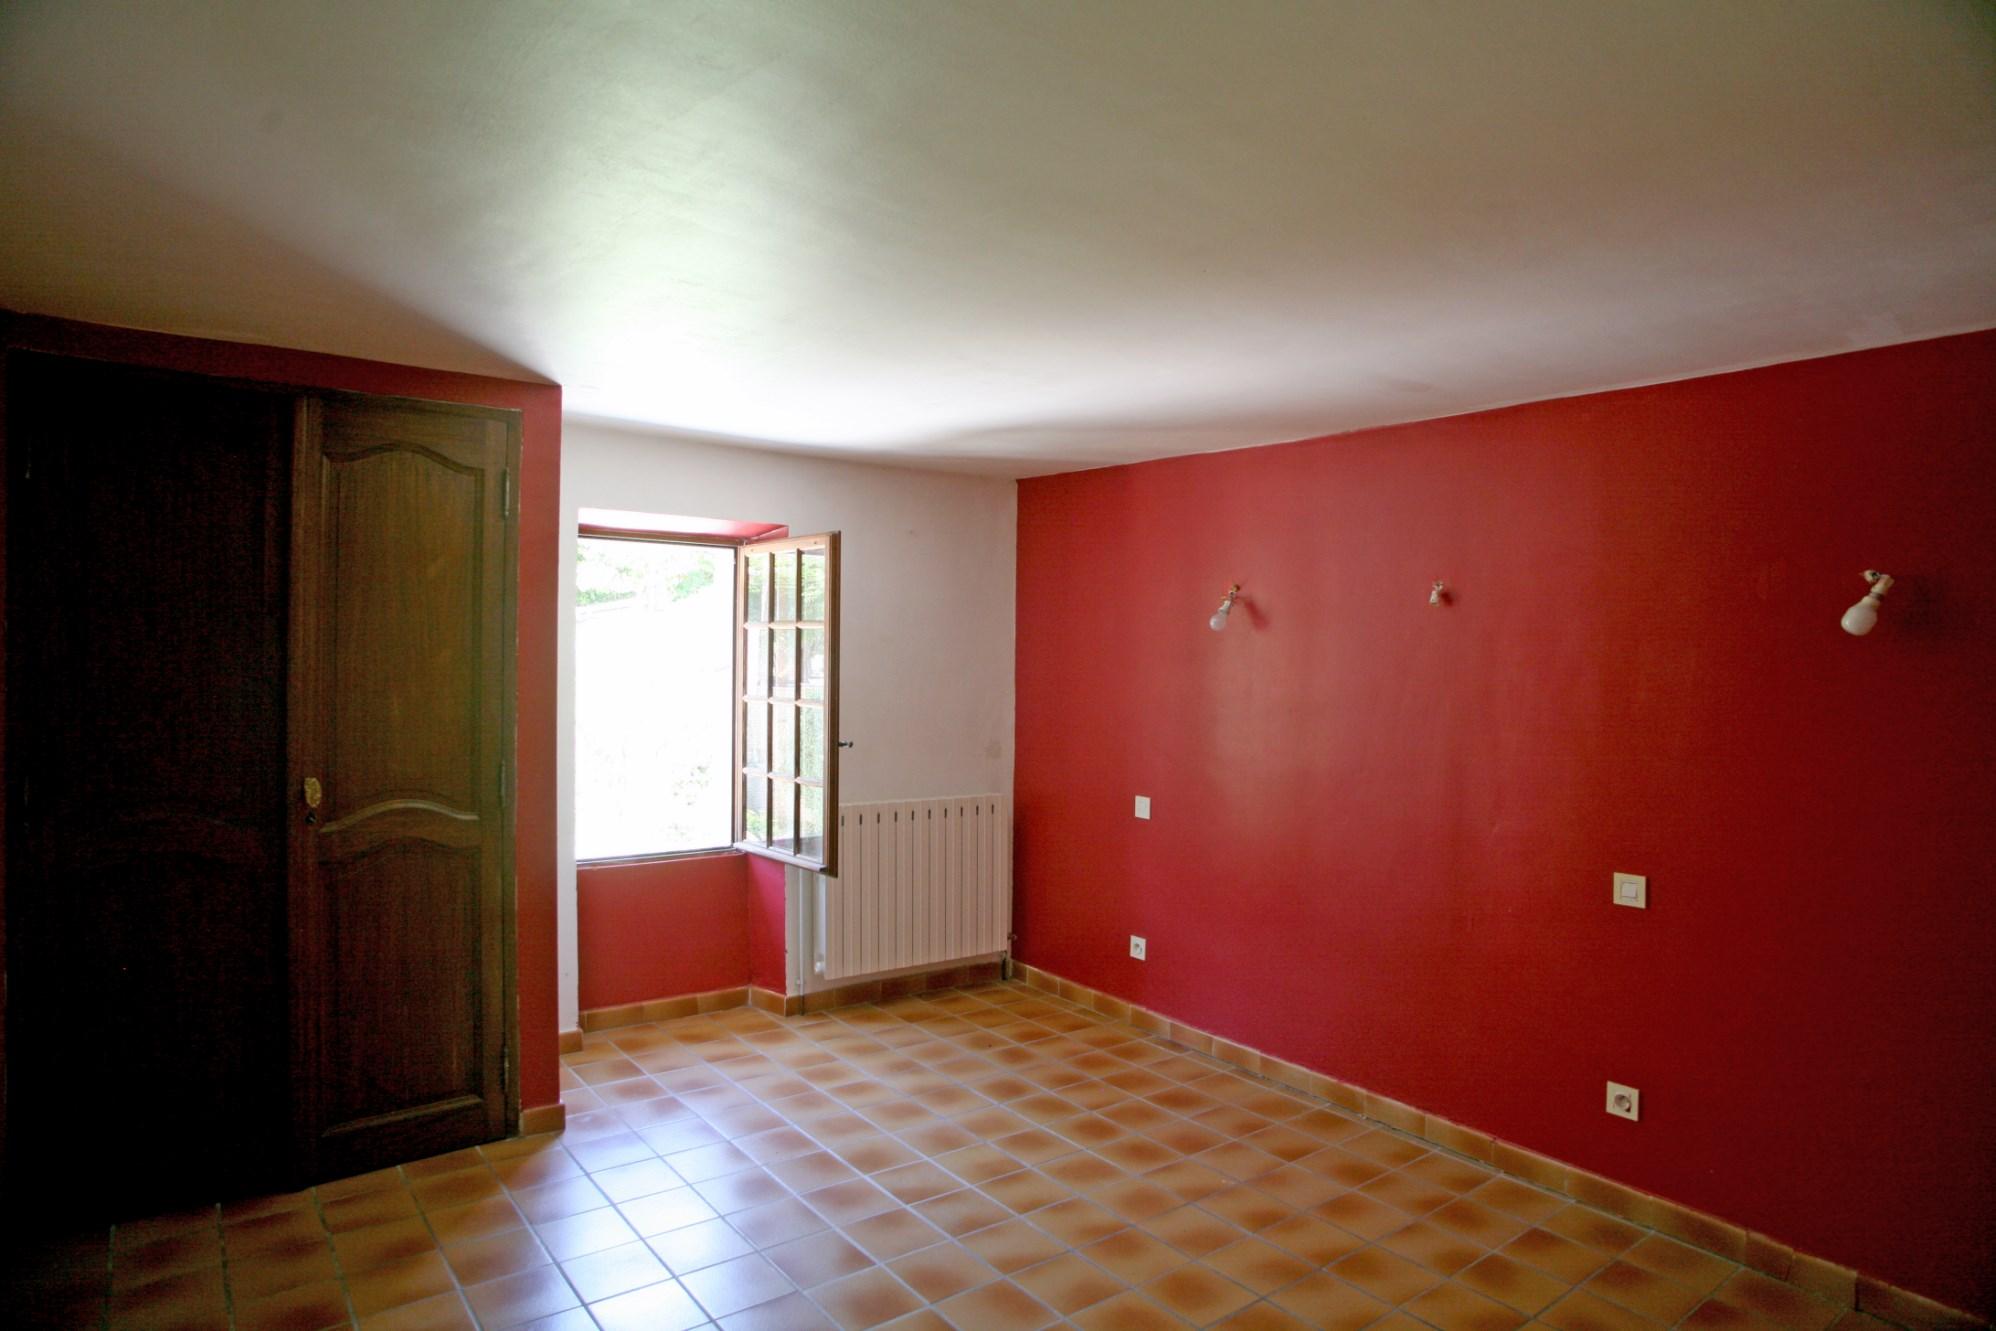 A vendre, en Luberon, à Gordes,  jolie maison du XVIIIème siècle, un pied à terre idéal